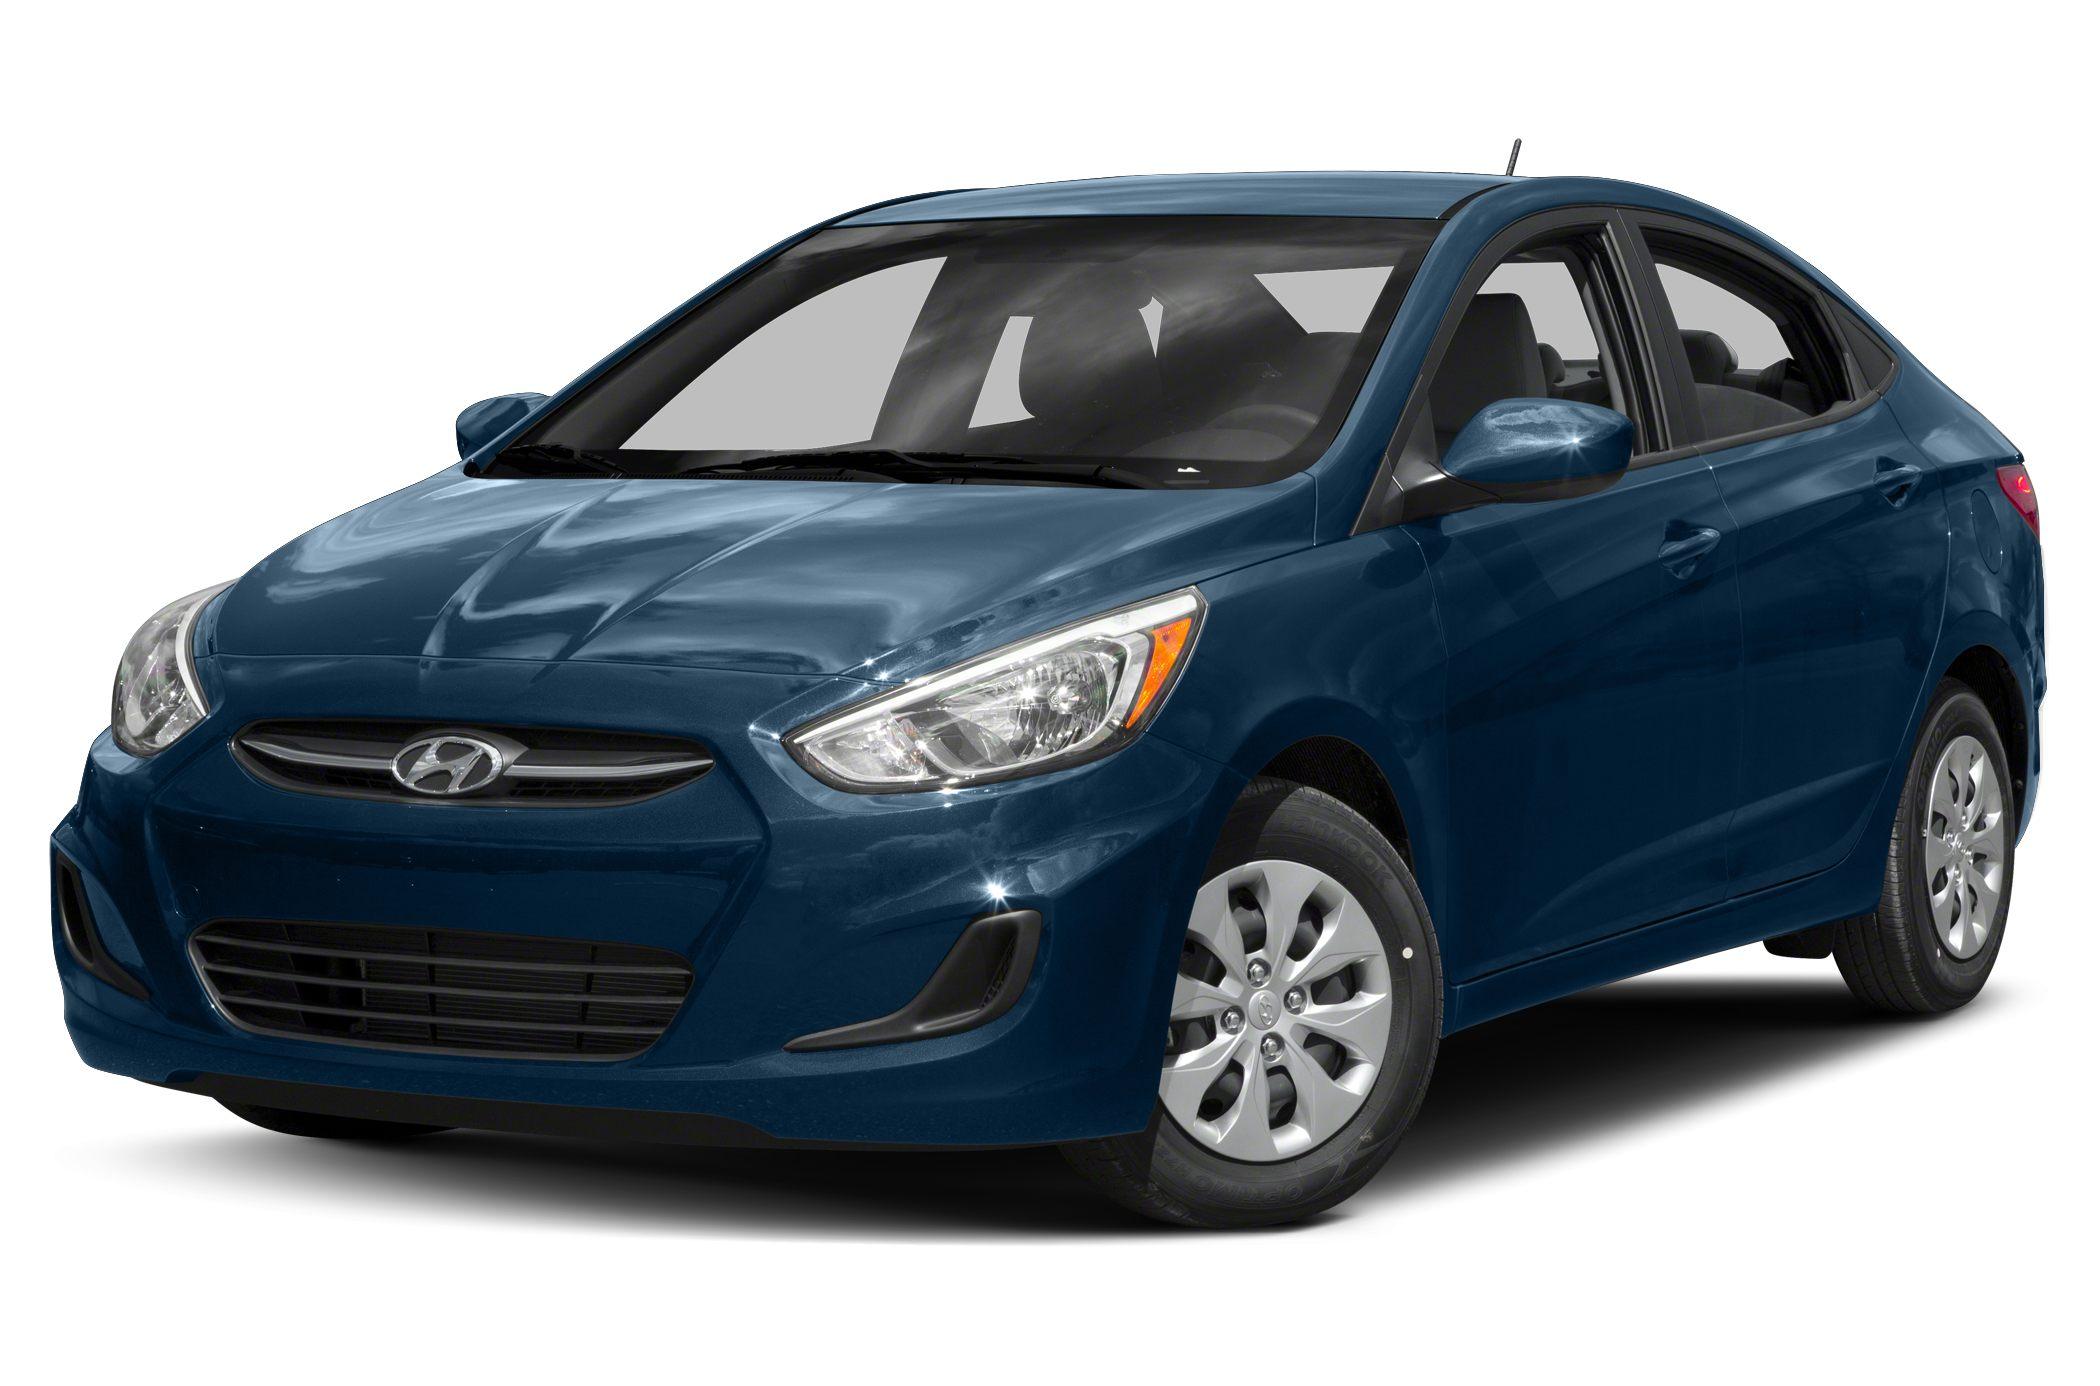 2015 Hyundai Accent Gls 4dr Sedan Specs And Prices